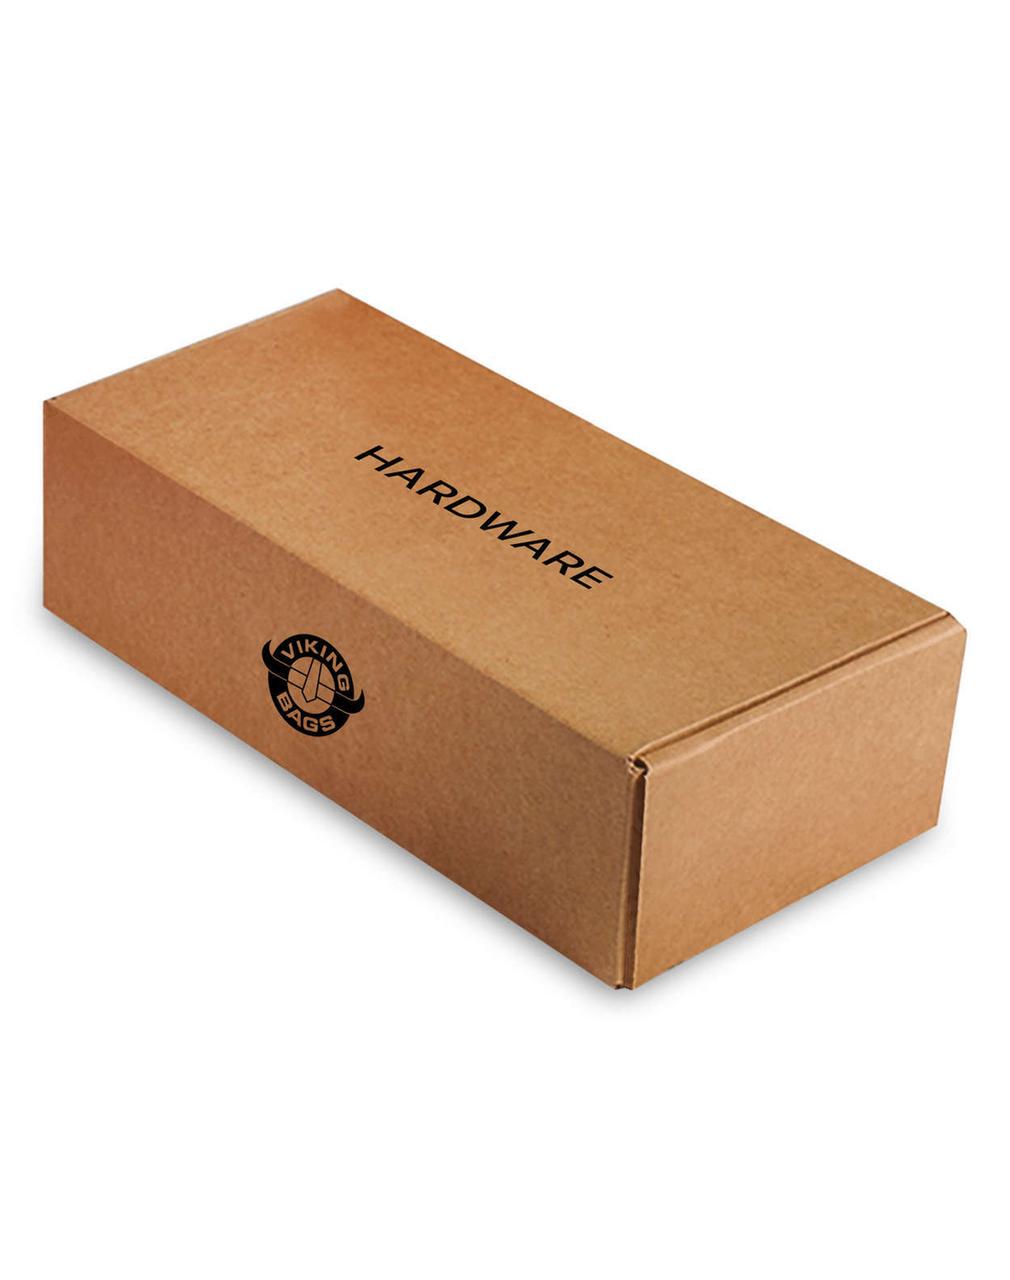 Honda VTX 1800 C Lamellar Extra Large Shock Cutout Leather Covered Saddlebag box